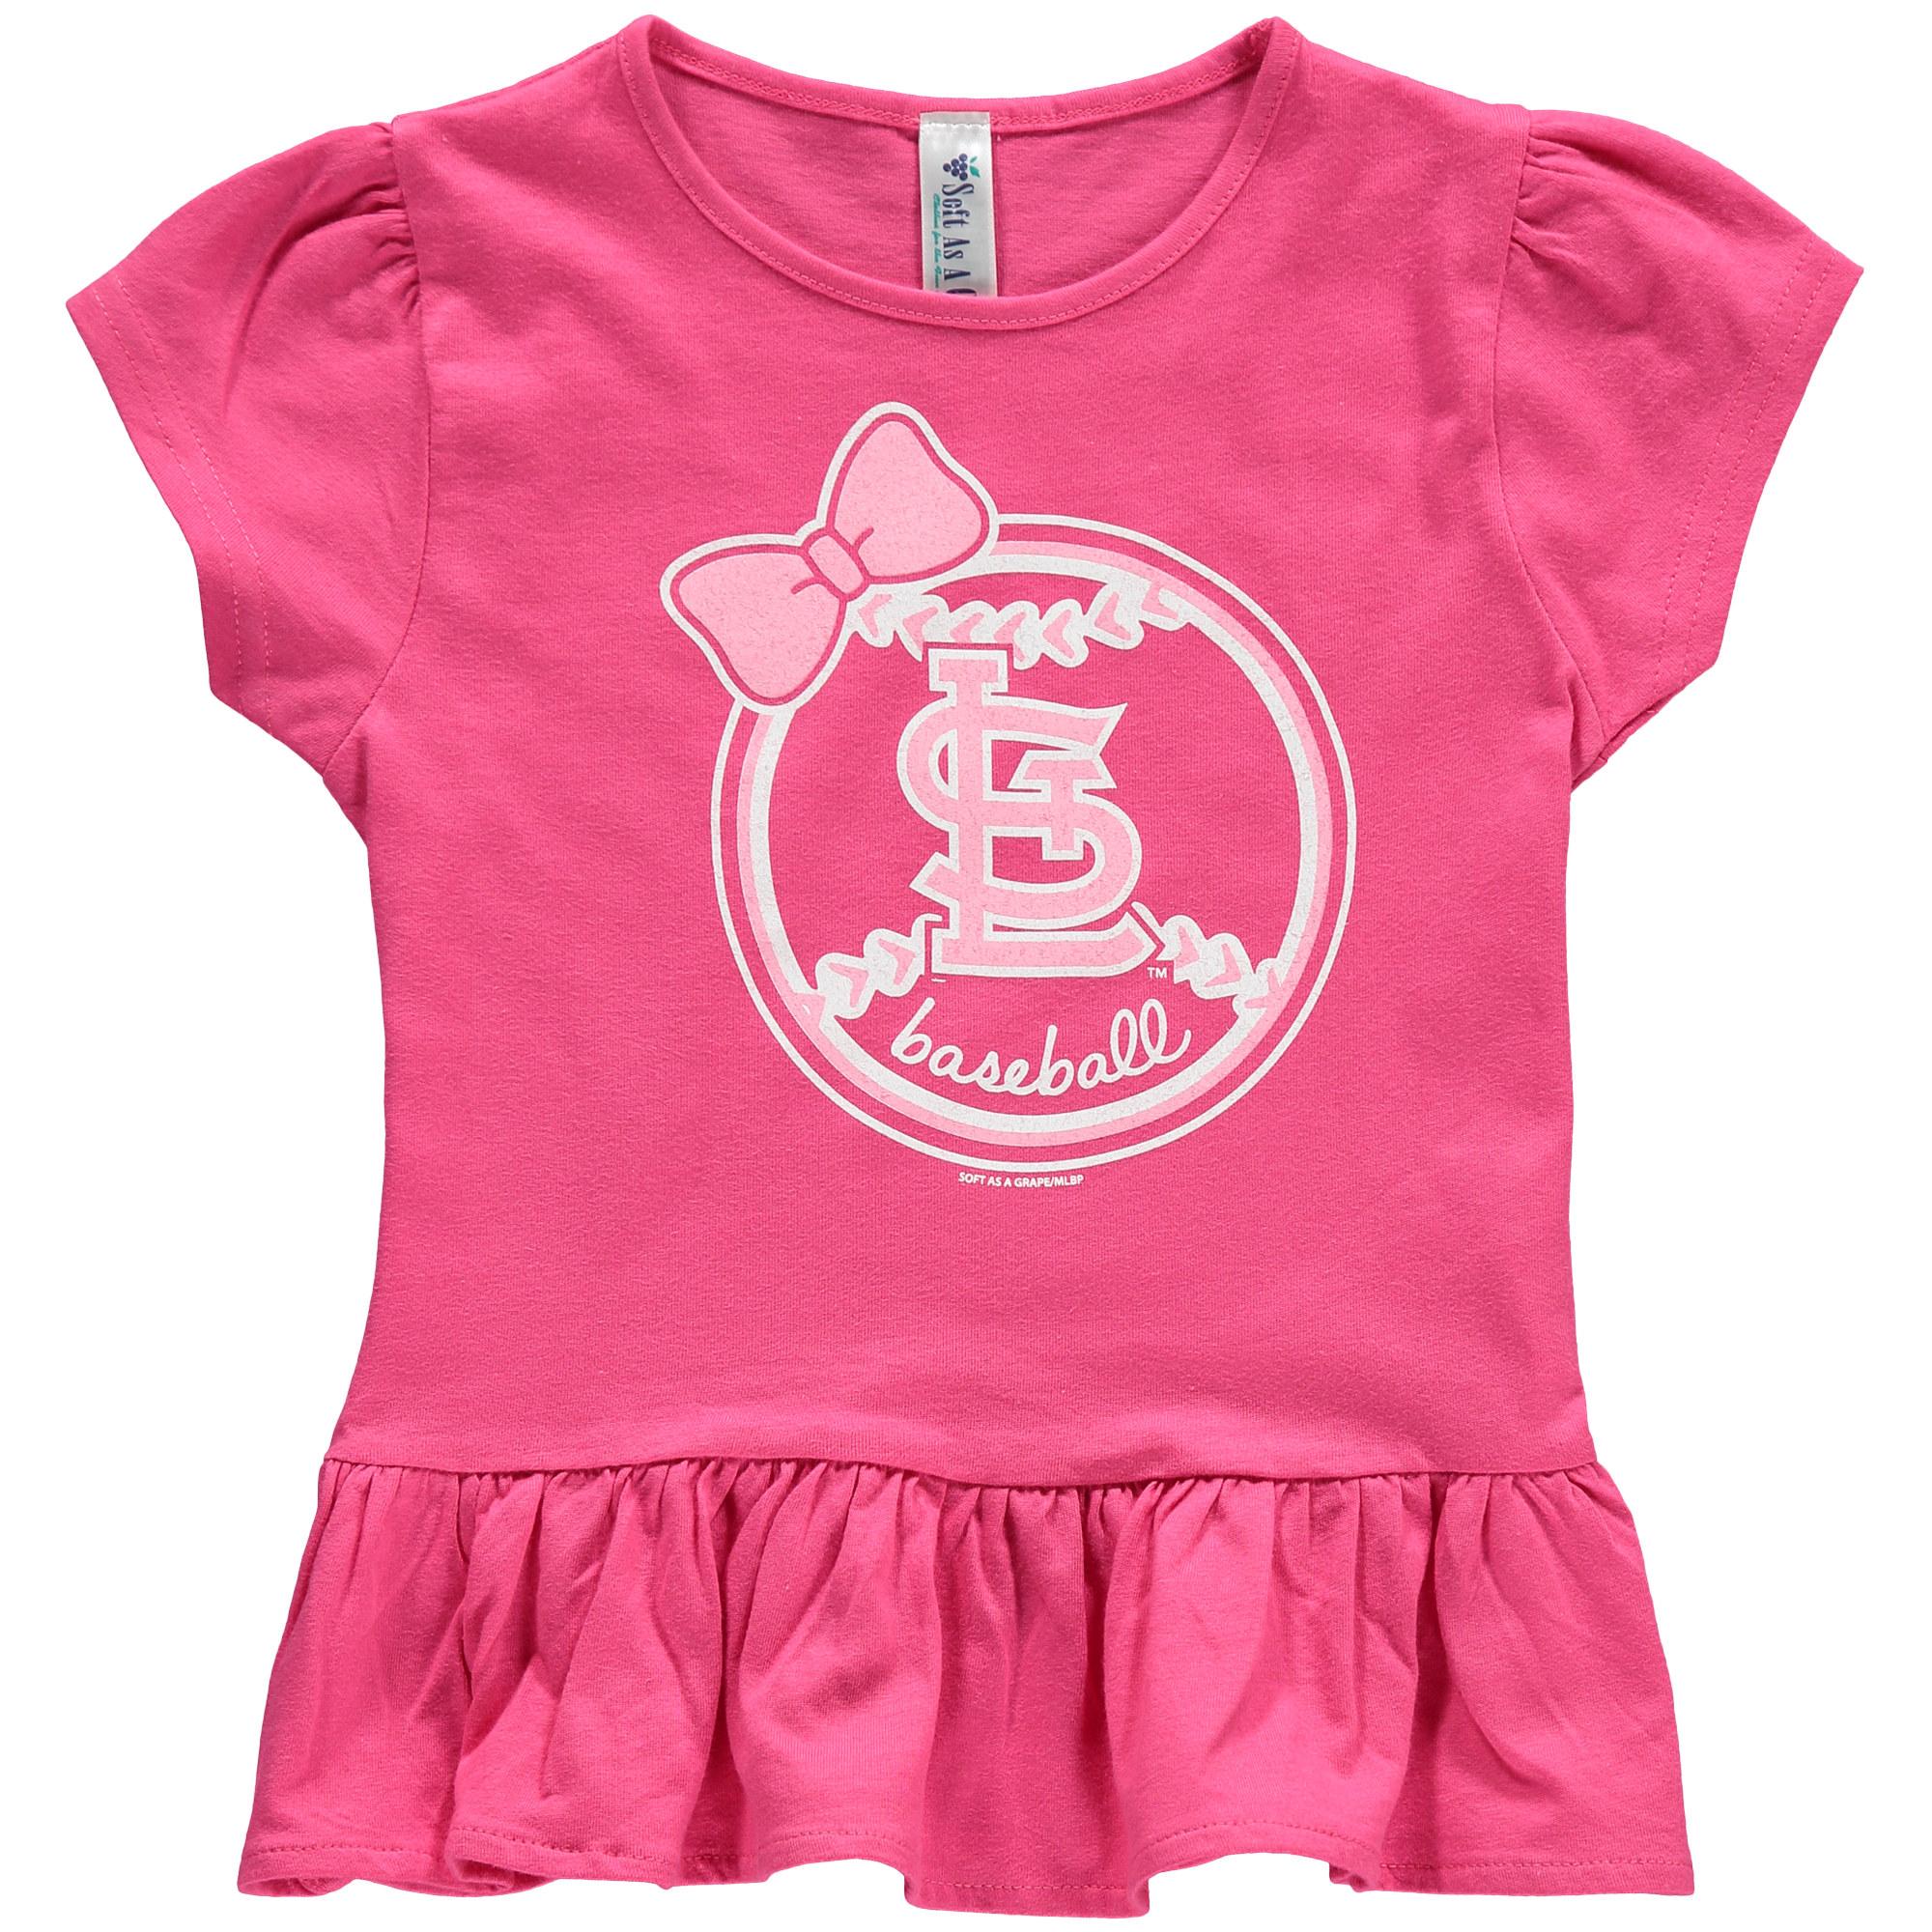 St. Louis Cardinals Soft as a Grape Girls Toddler Ruffle T-Shirt - Pink